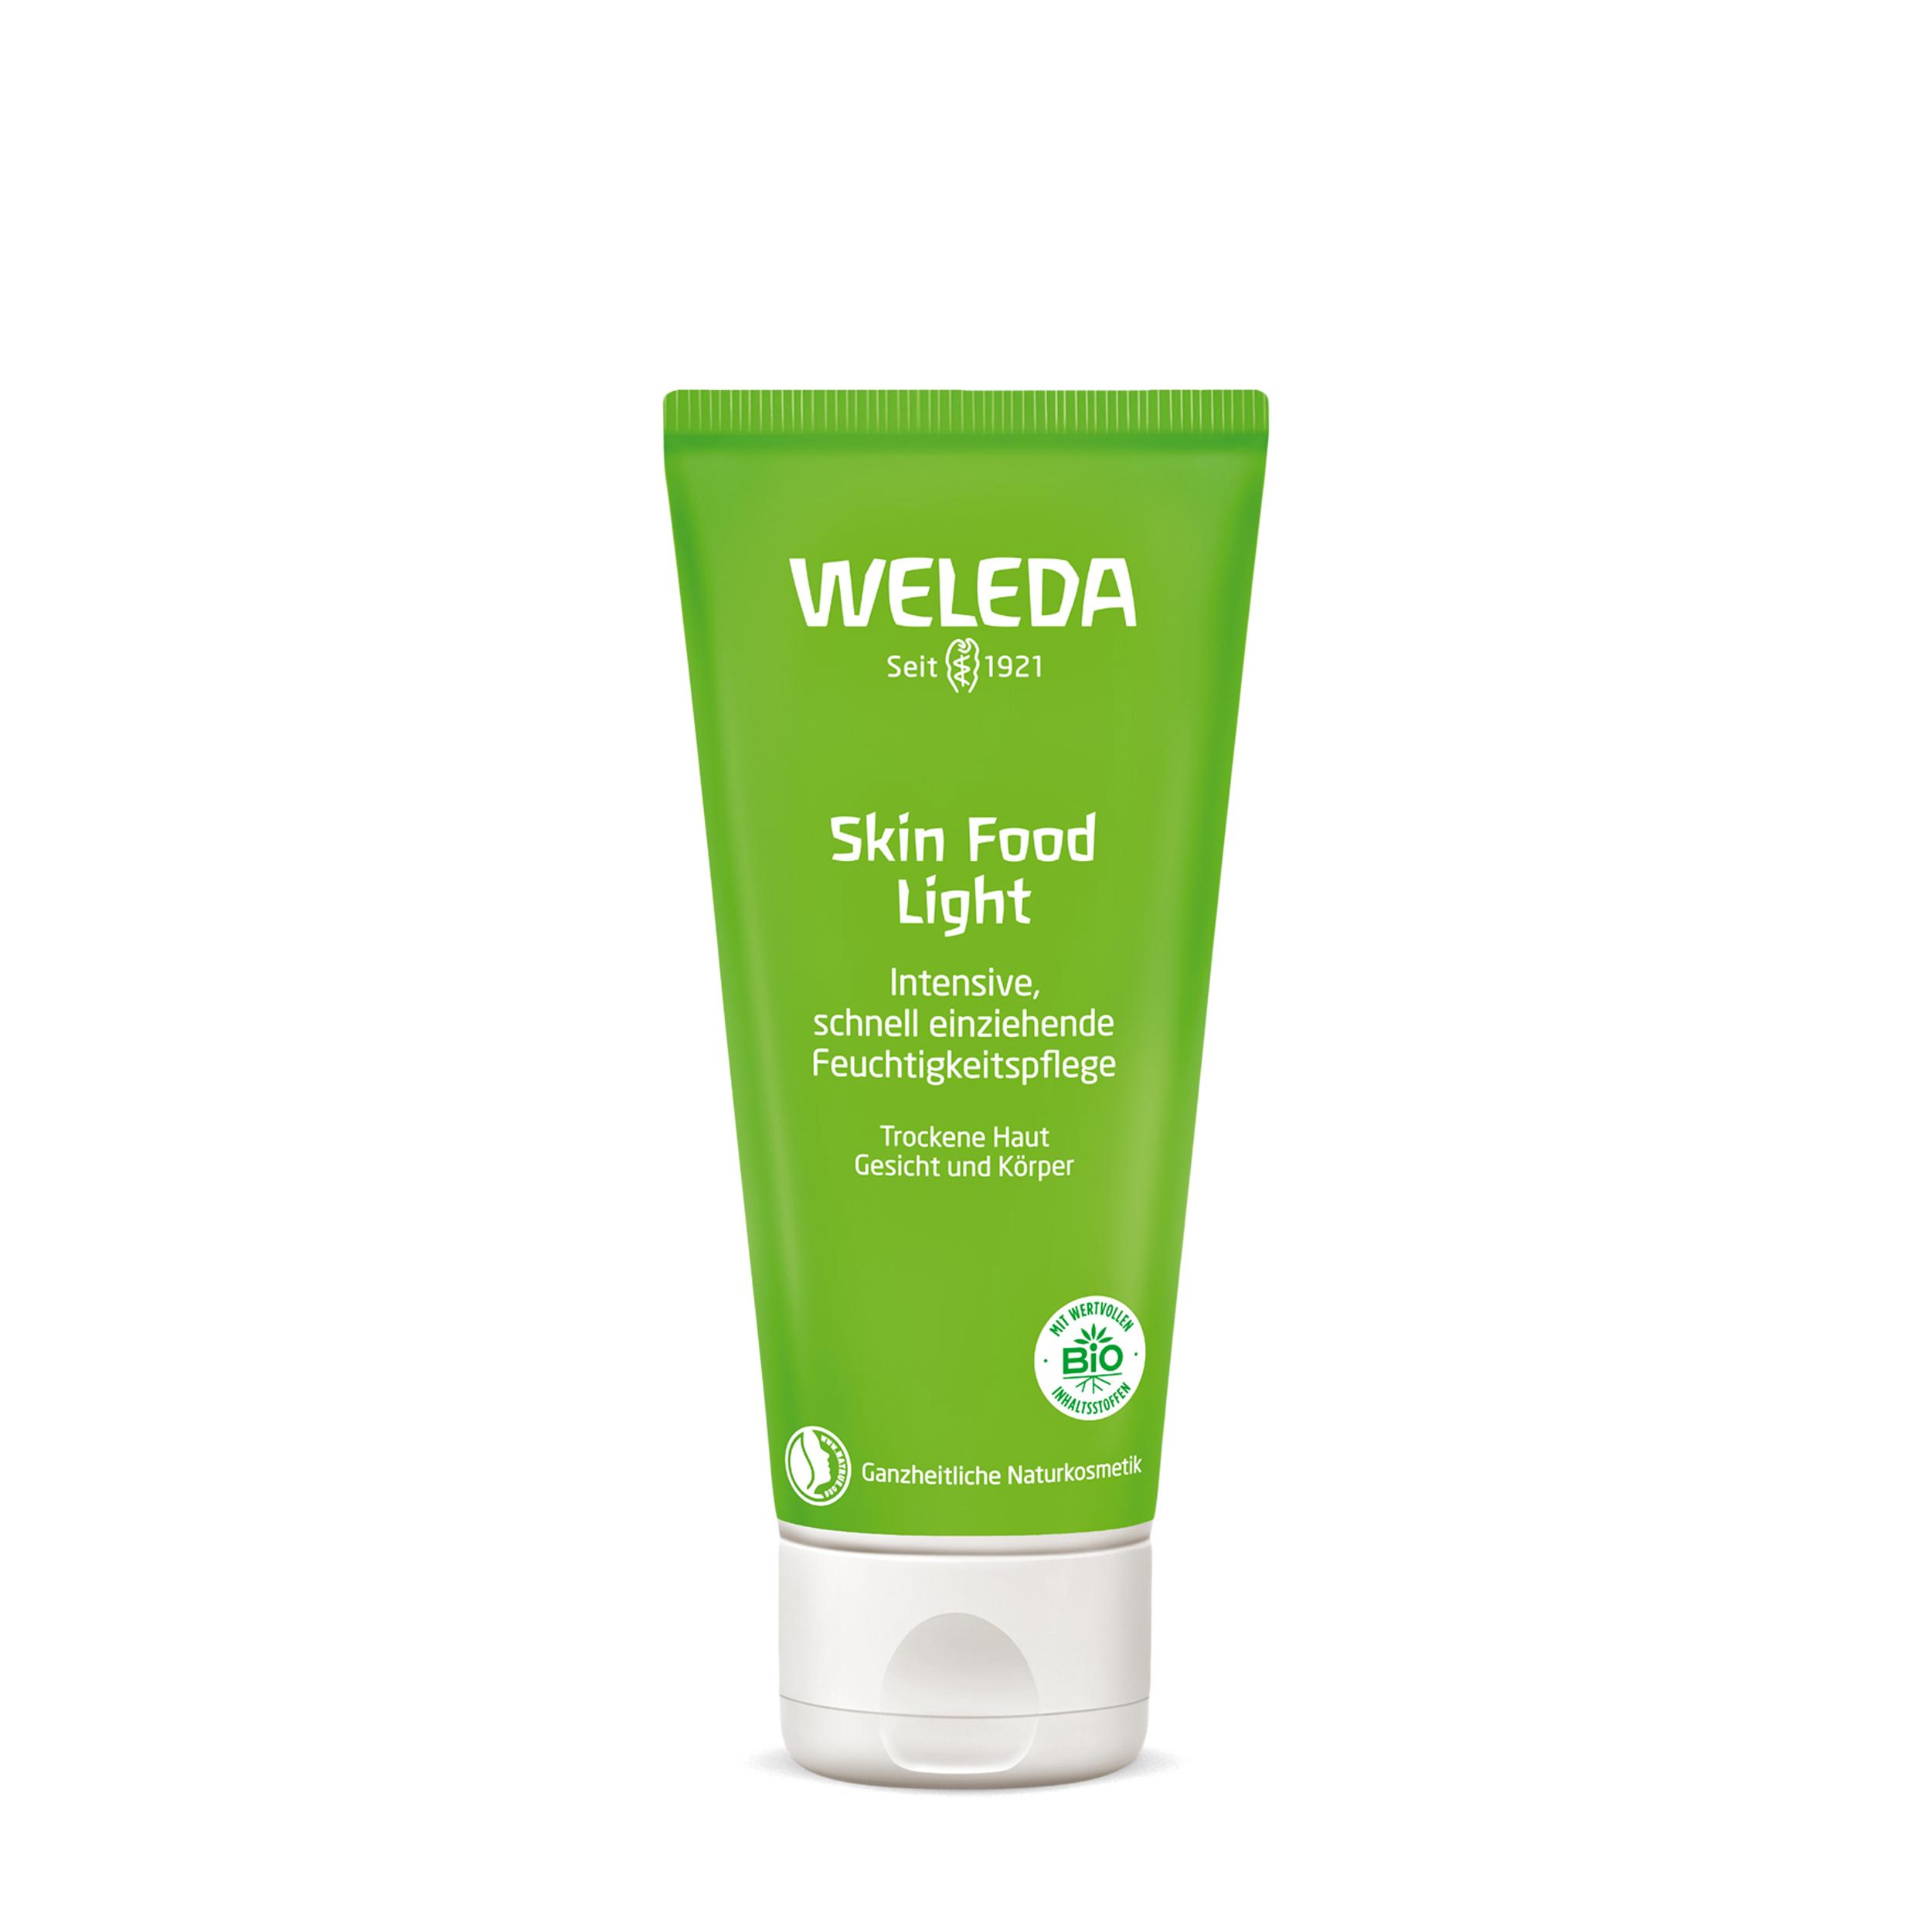 Купить Weleda Легкий питательный крем для лица и тела Skin Food